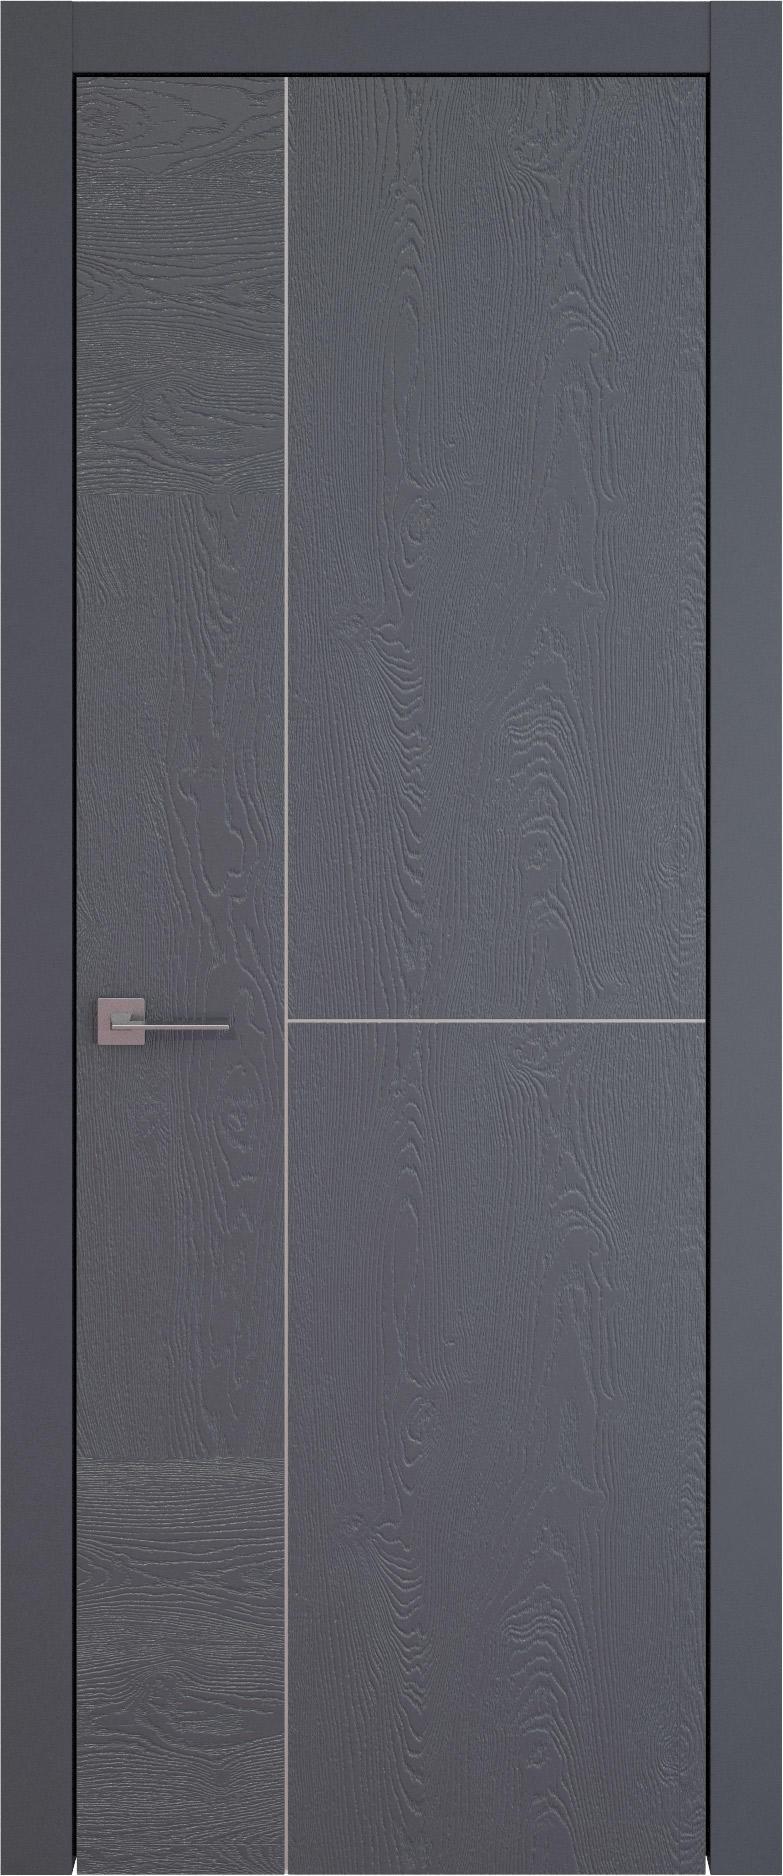 Tivoli Г-1 цвет - Графитово-серая эмаль по шпону (RAL 7024) Без стекла (ДГ)